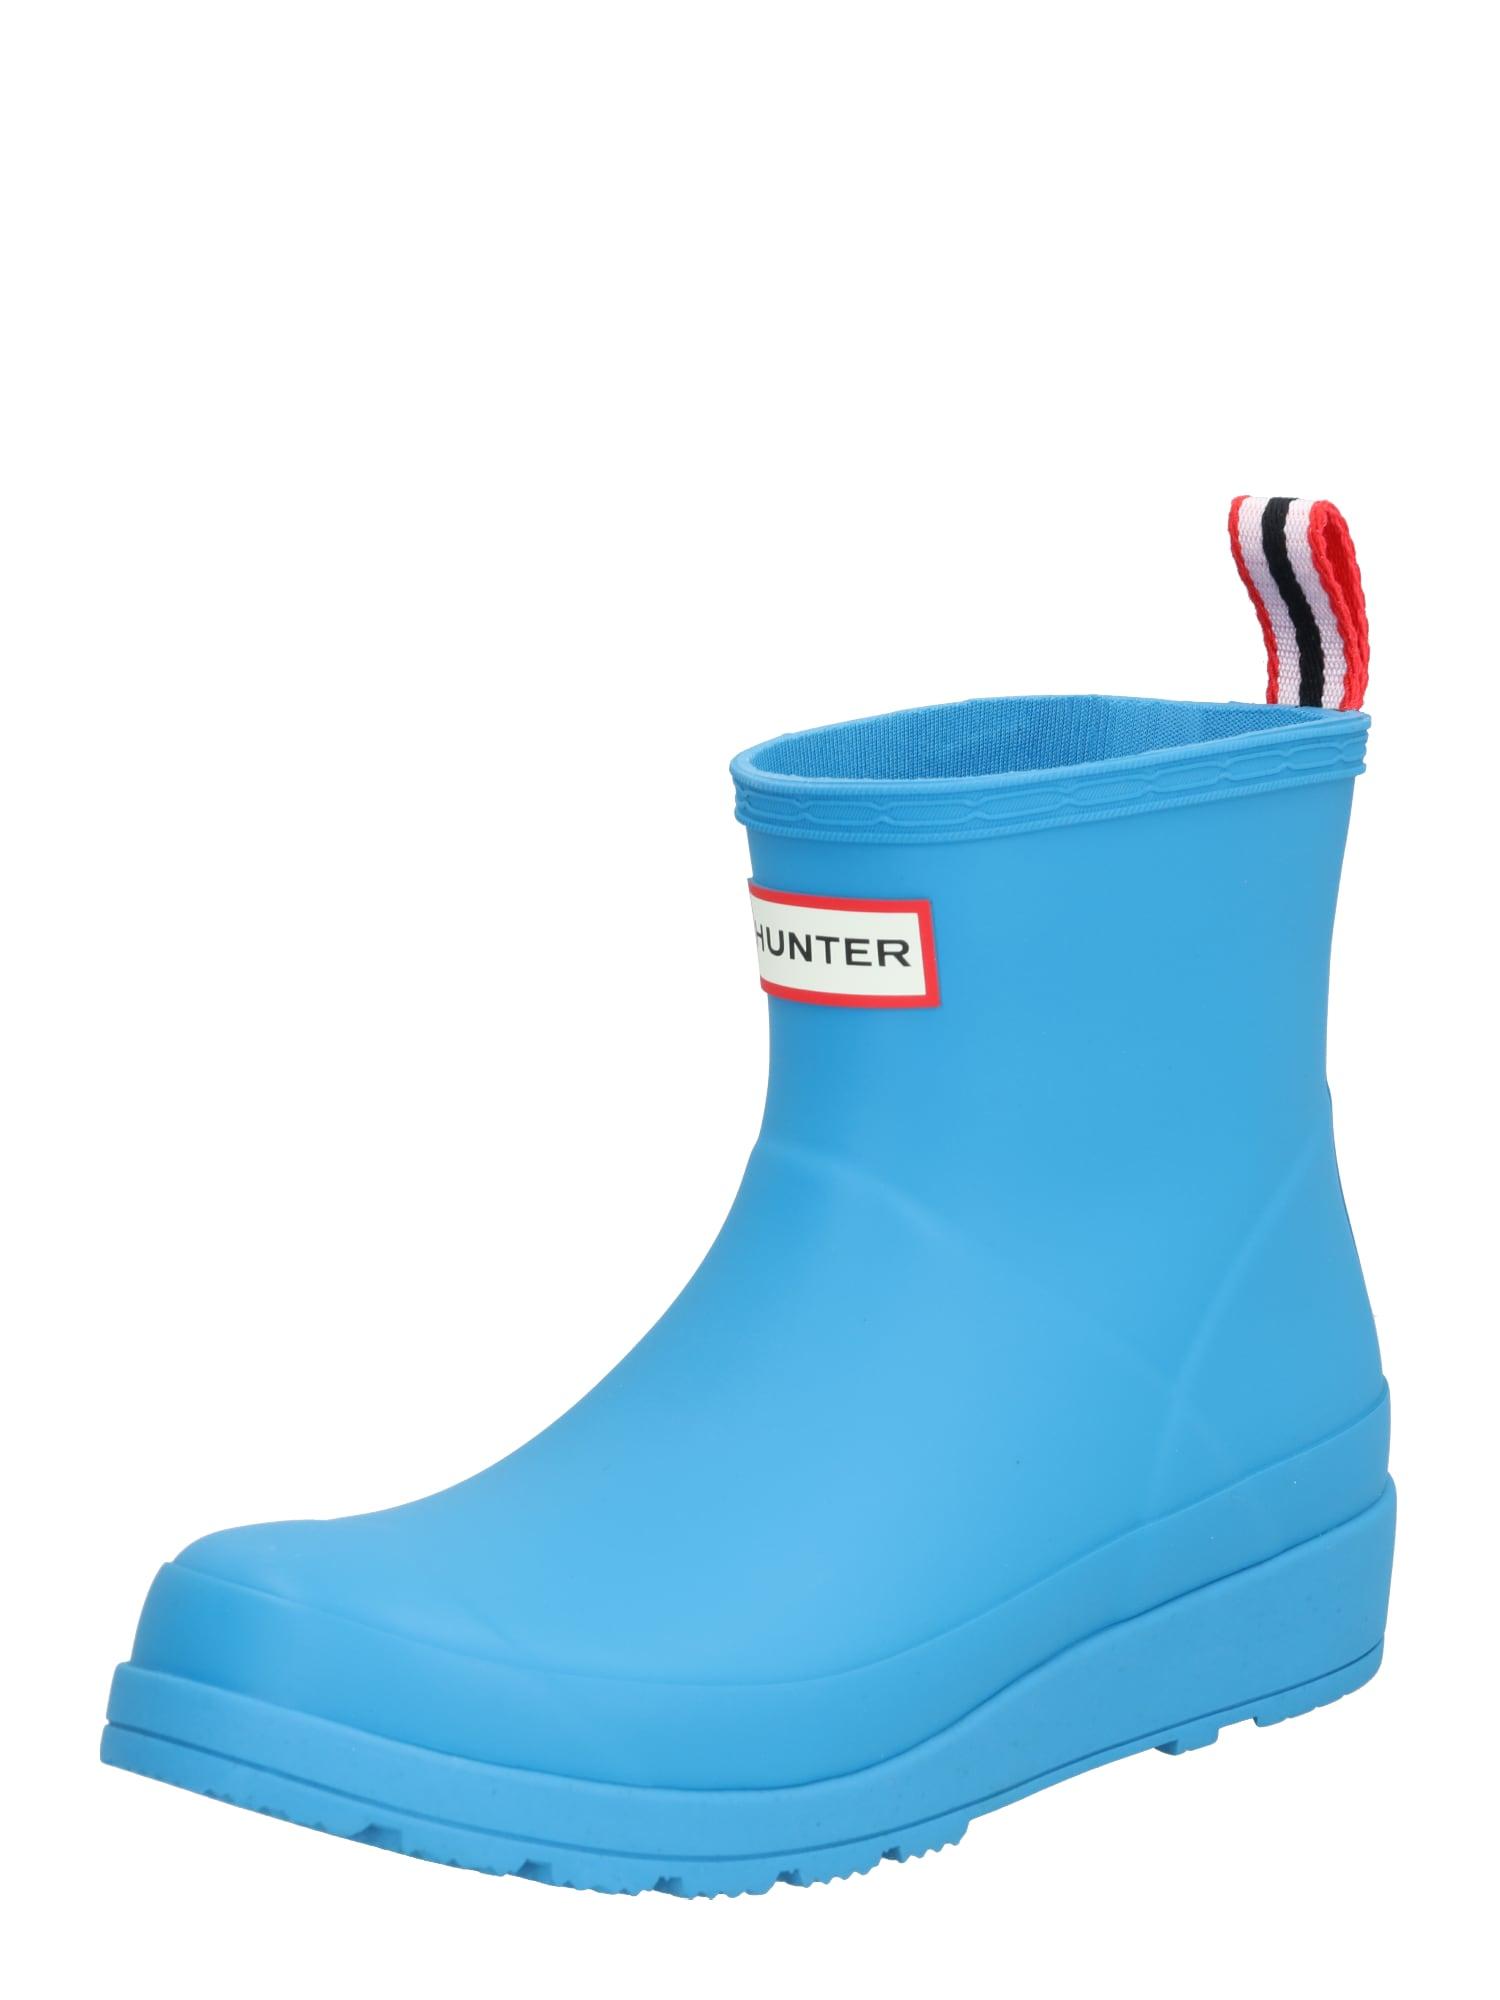 HUNTER Guminiai batai 'Play' mėlyna